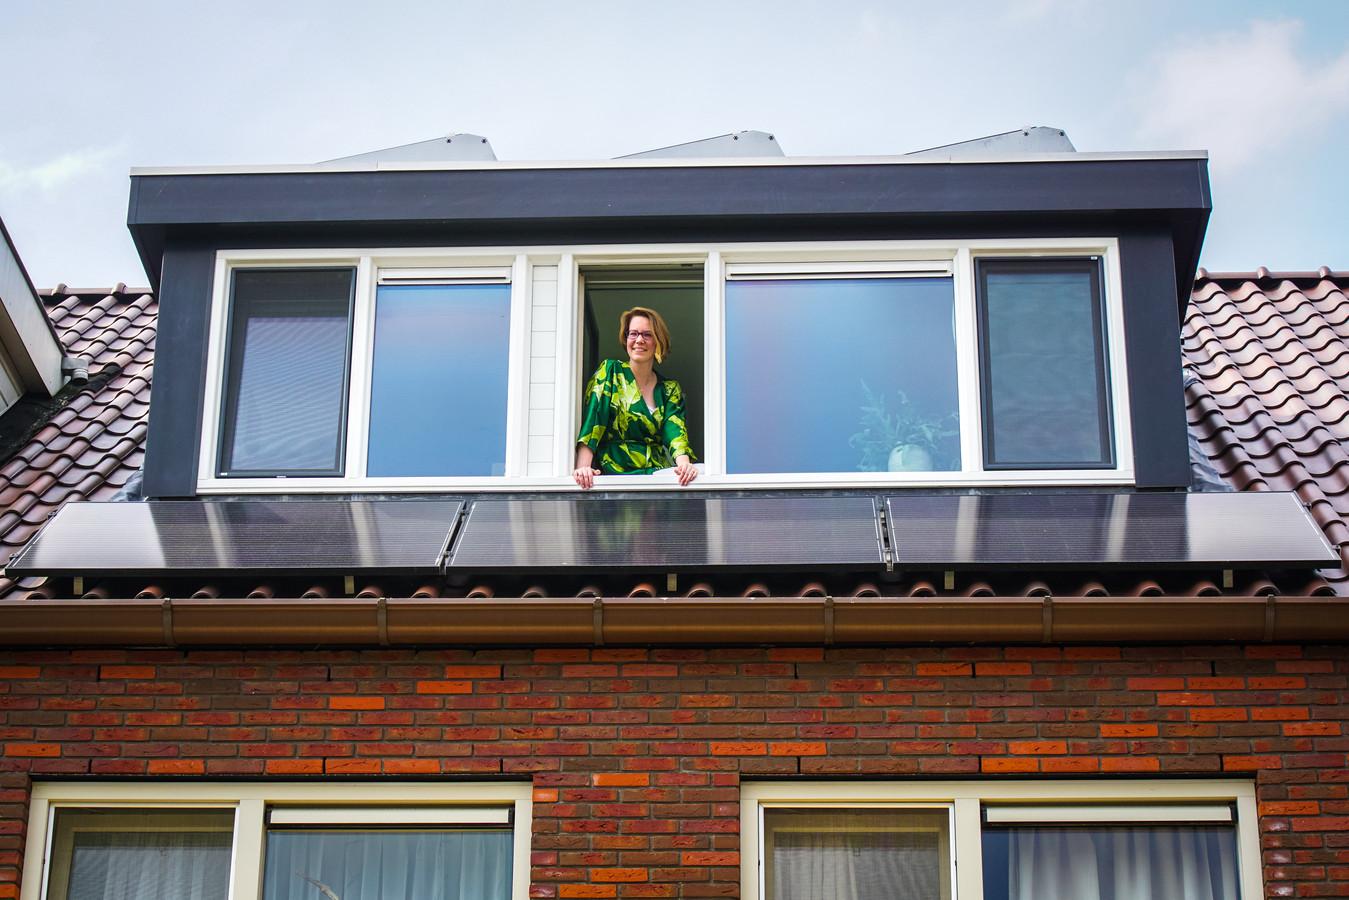 De energierekening van Bianca Hermans (40) is sinds de komst van haar elf zonnepanelen al gehalveerd.